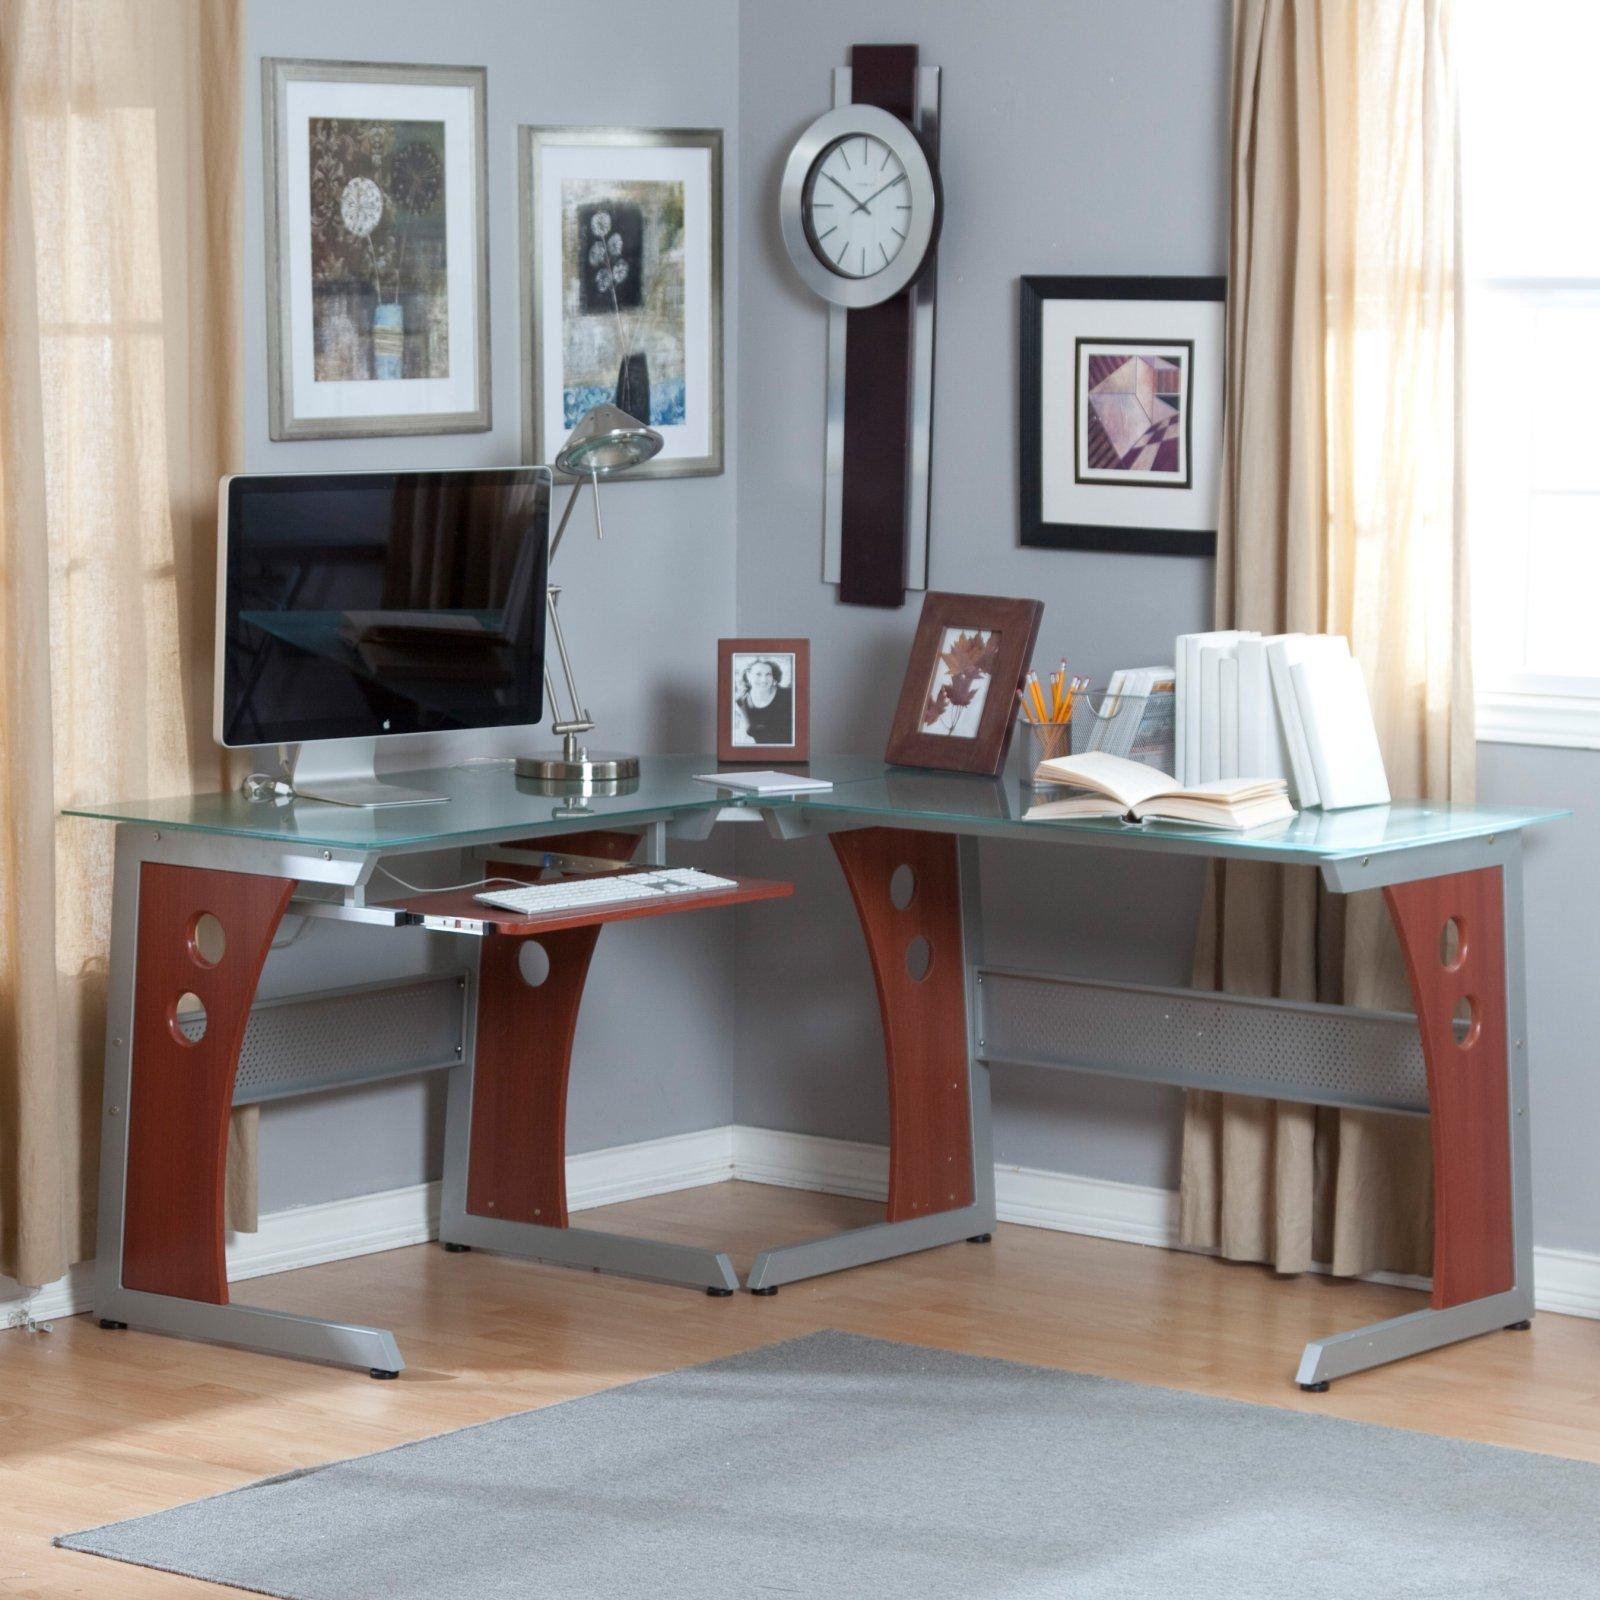 Угловой стеклянный стол